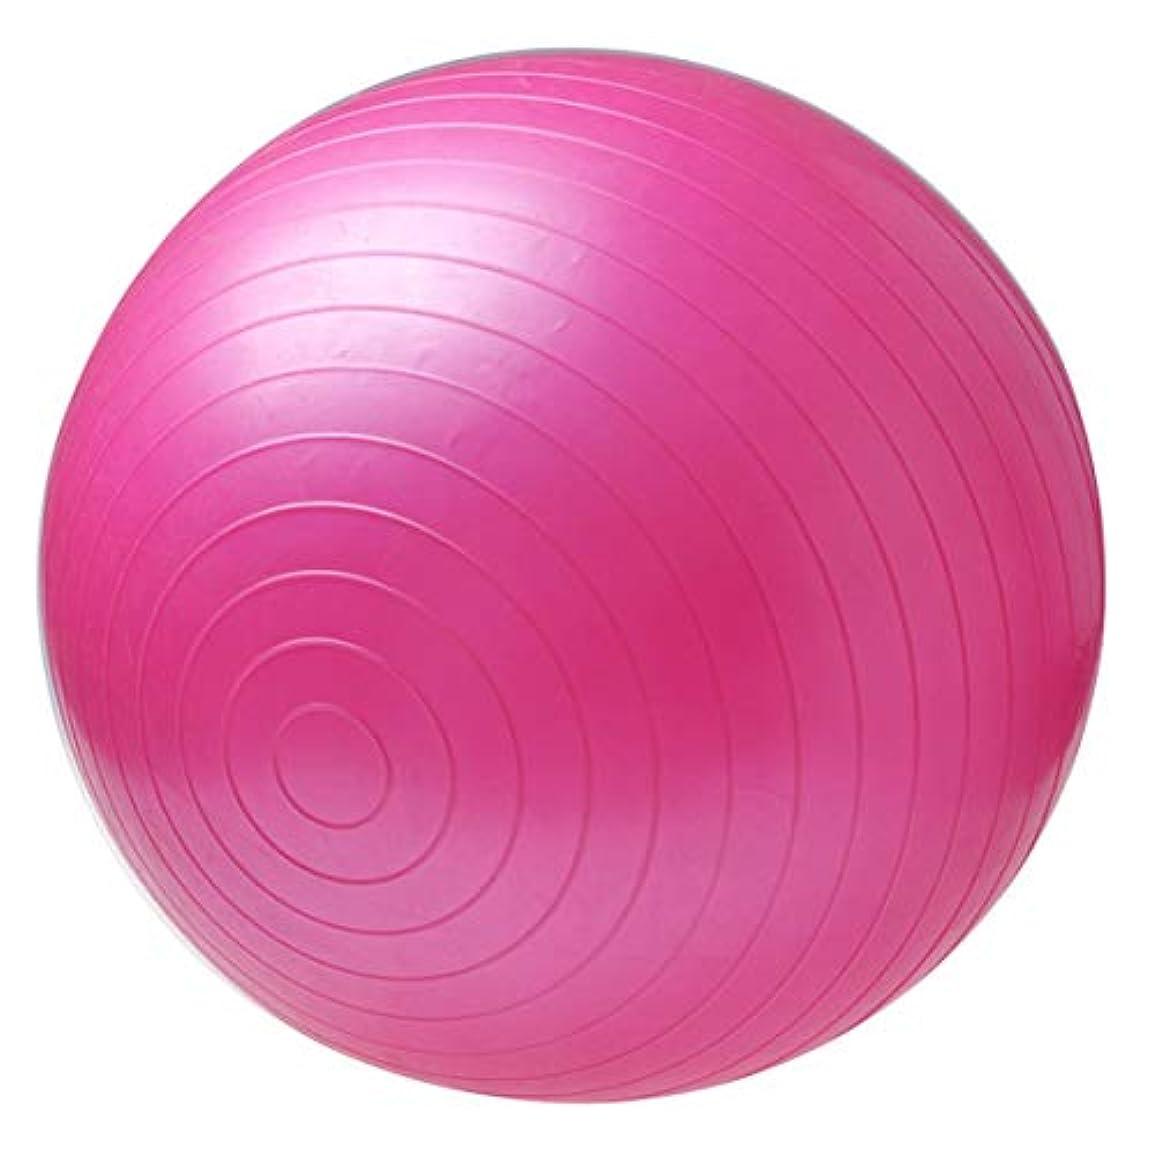 蒸発繊維吐く非毒性スポーツヨガボールボラピラティスフィットネスジムバランスフィットボールエクササイズピラティスワークアウトマッサージボール - ピンク75センチ